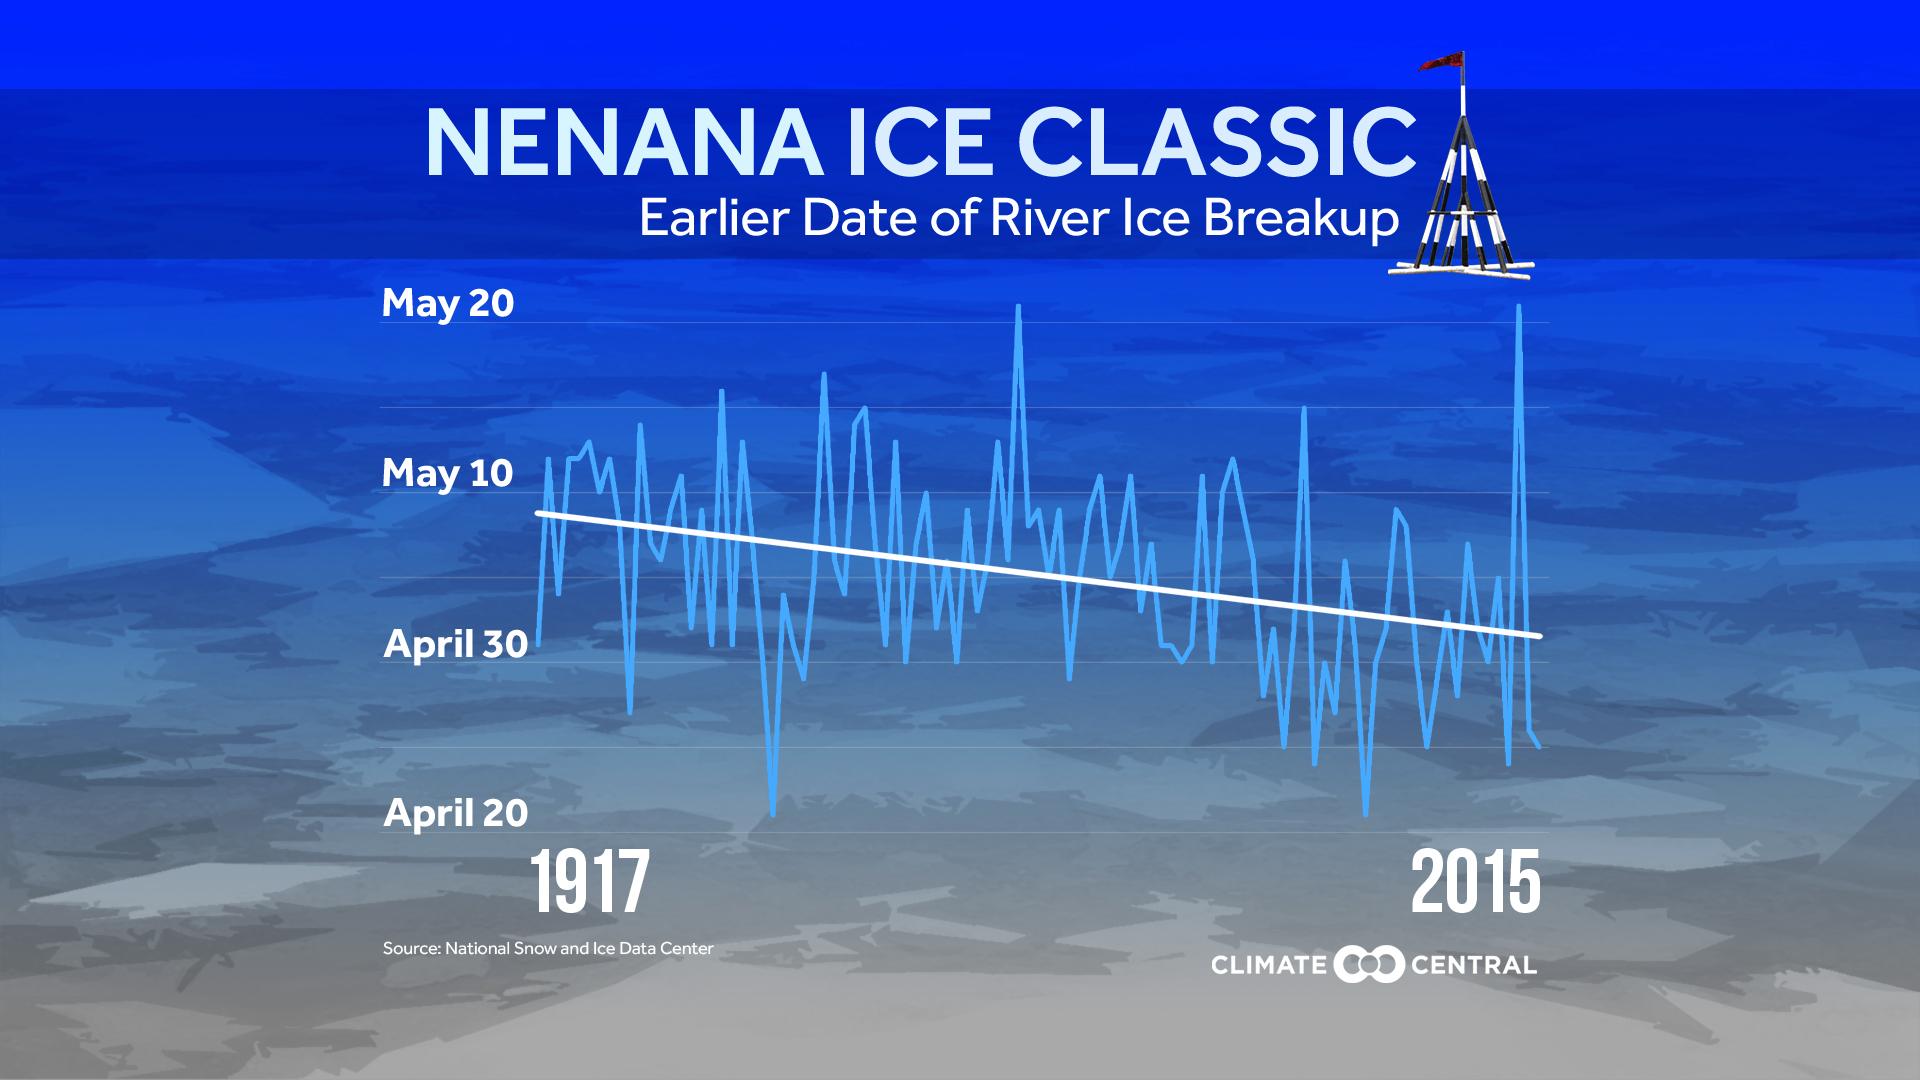 Nenana Ice Classic: 100 Years